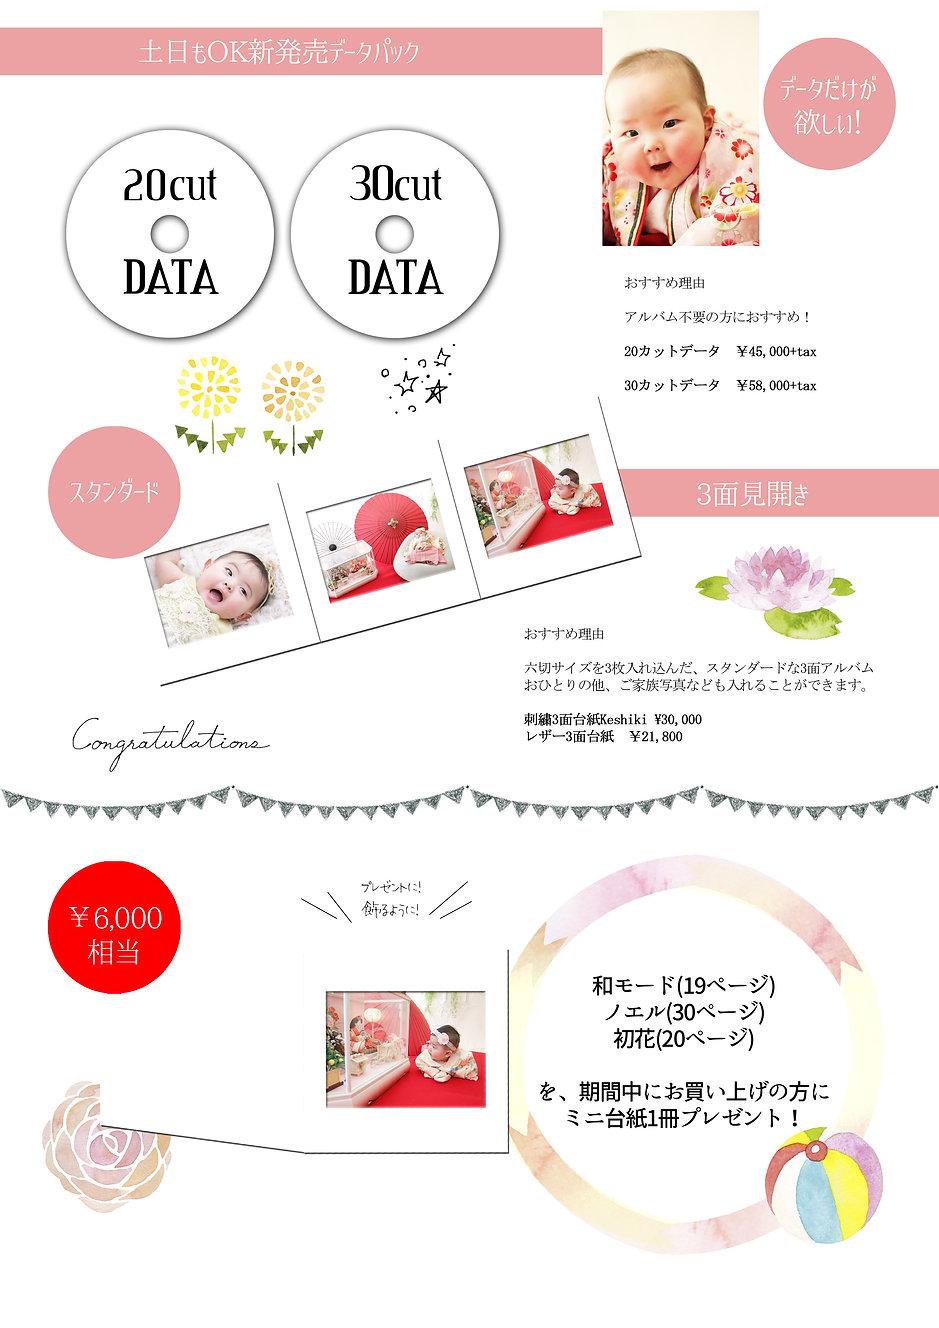 桃の節句みひらき価格表02.jpg